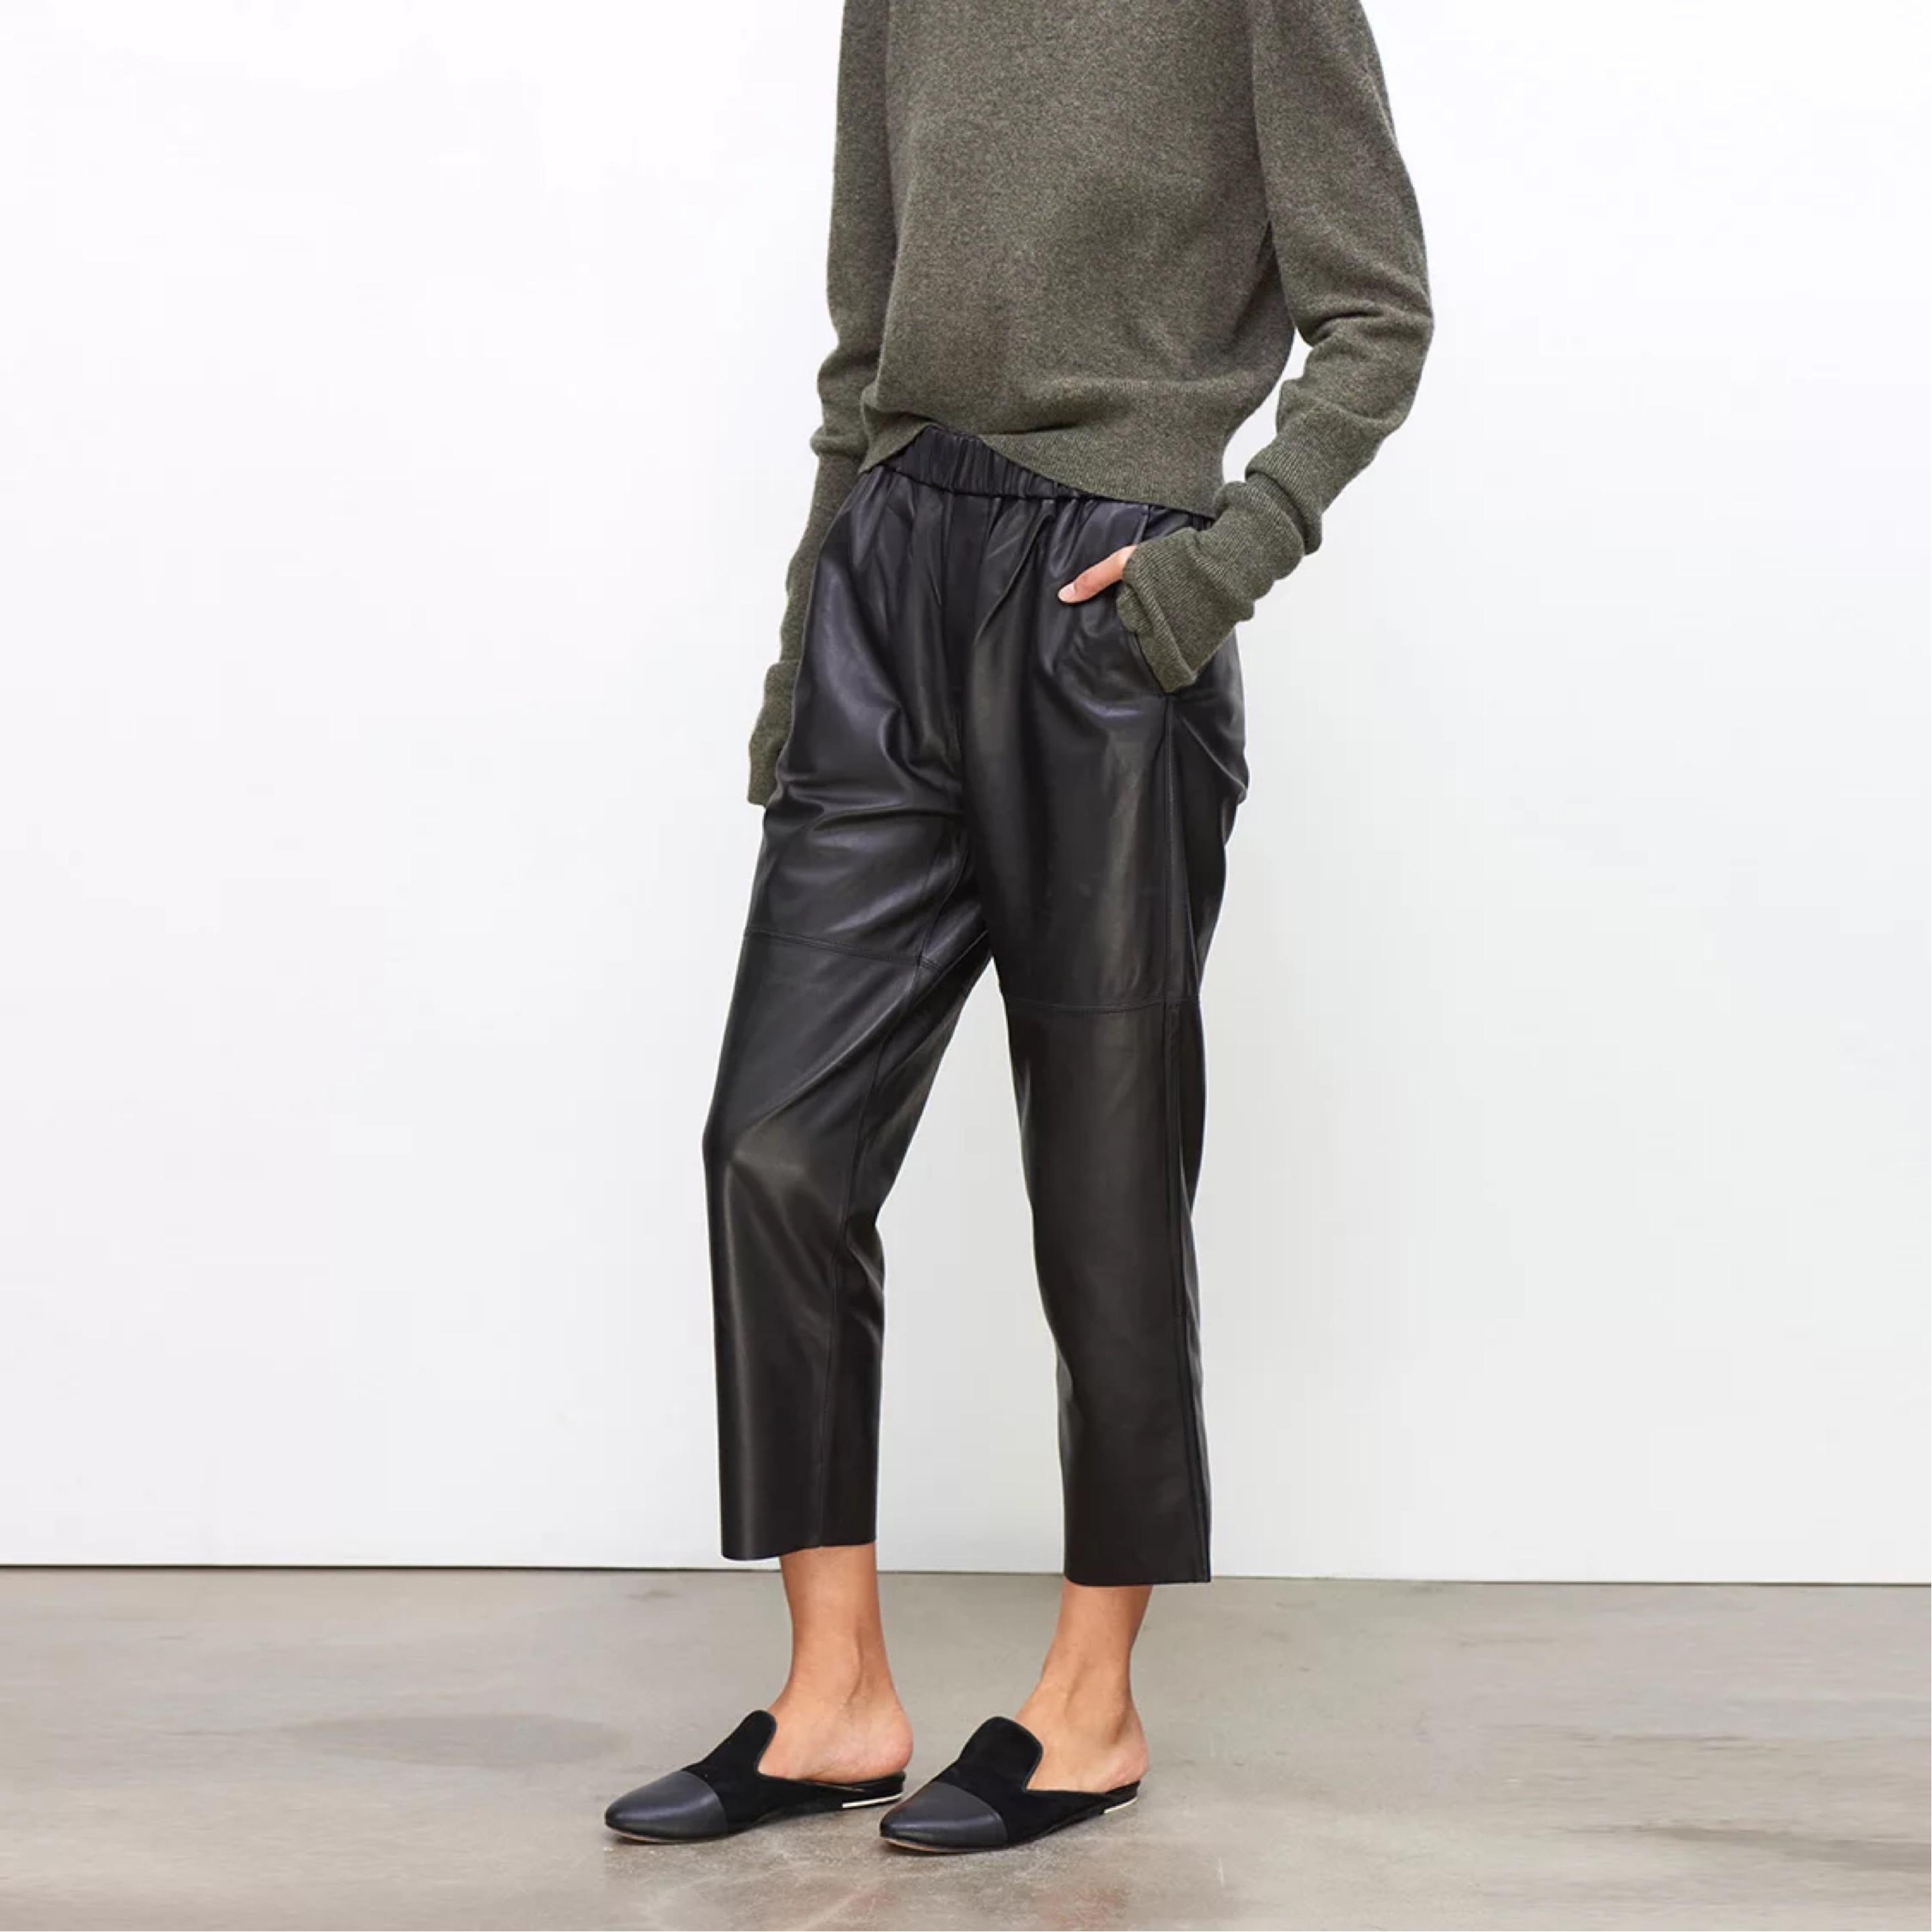 Pantalon en cuir véritable femmes pantalon en cuir taille haute sarouel grande taille 2019 nouveau taille élastique streetwear pantalon femmes